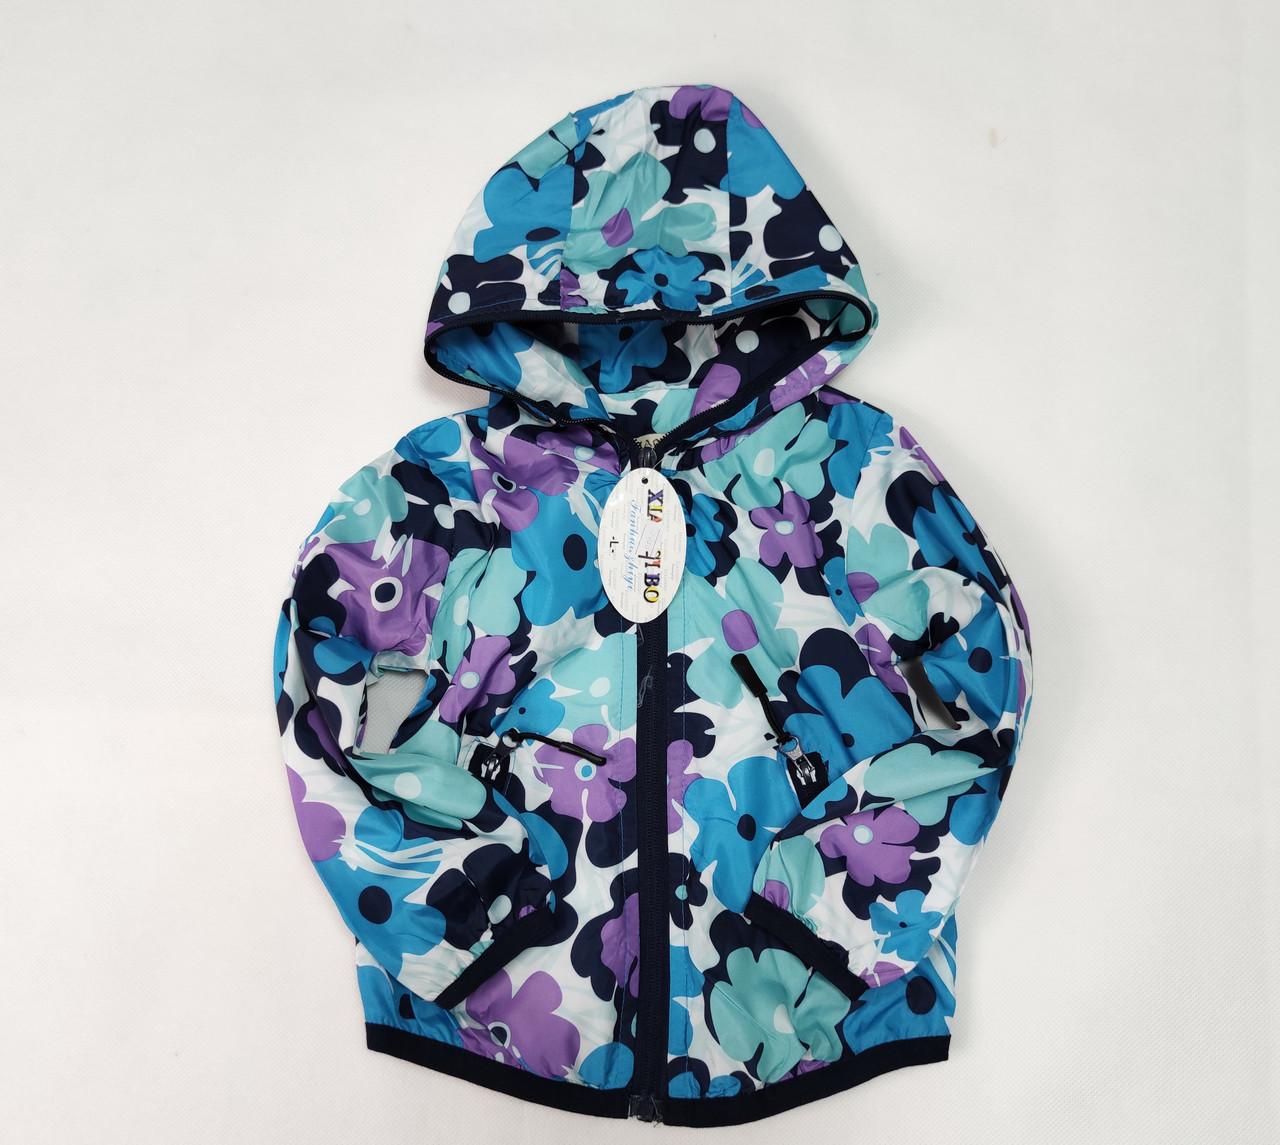 демисезонная курточка голубая цвета для девочки